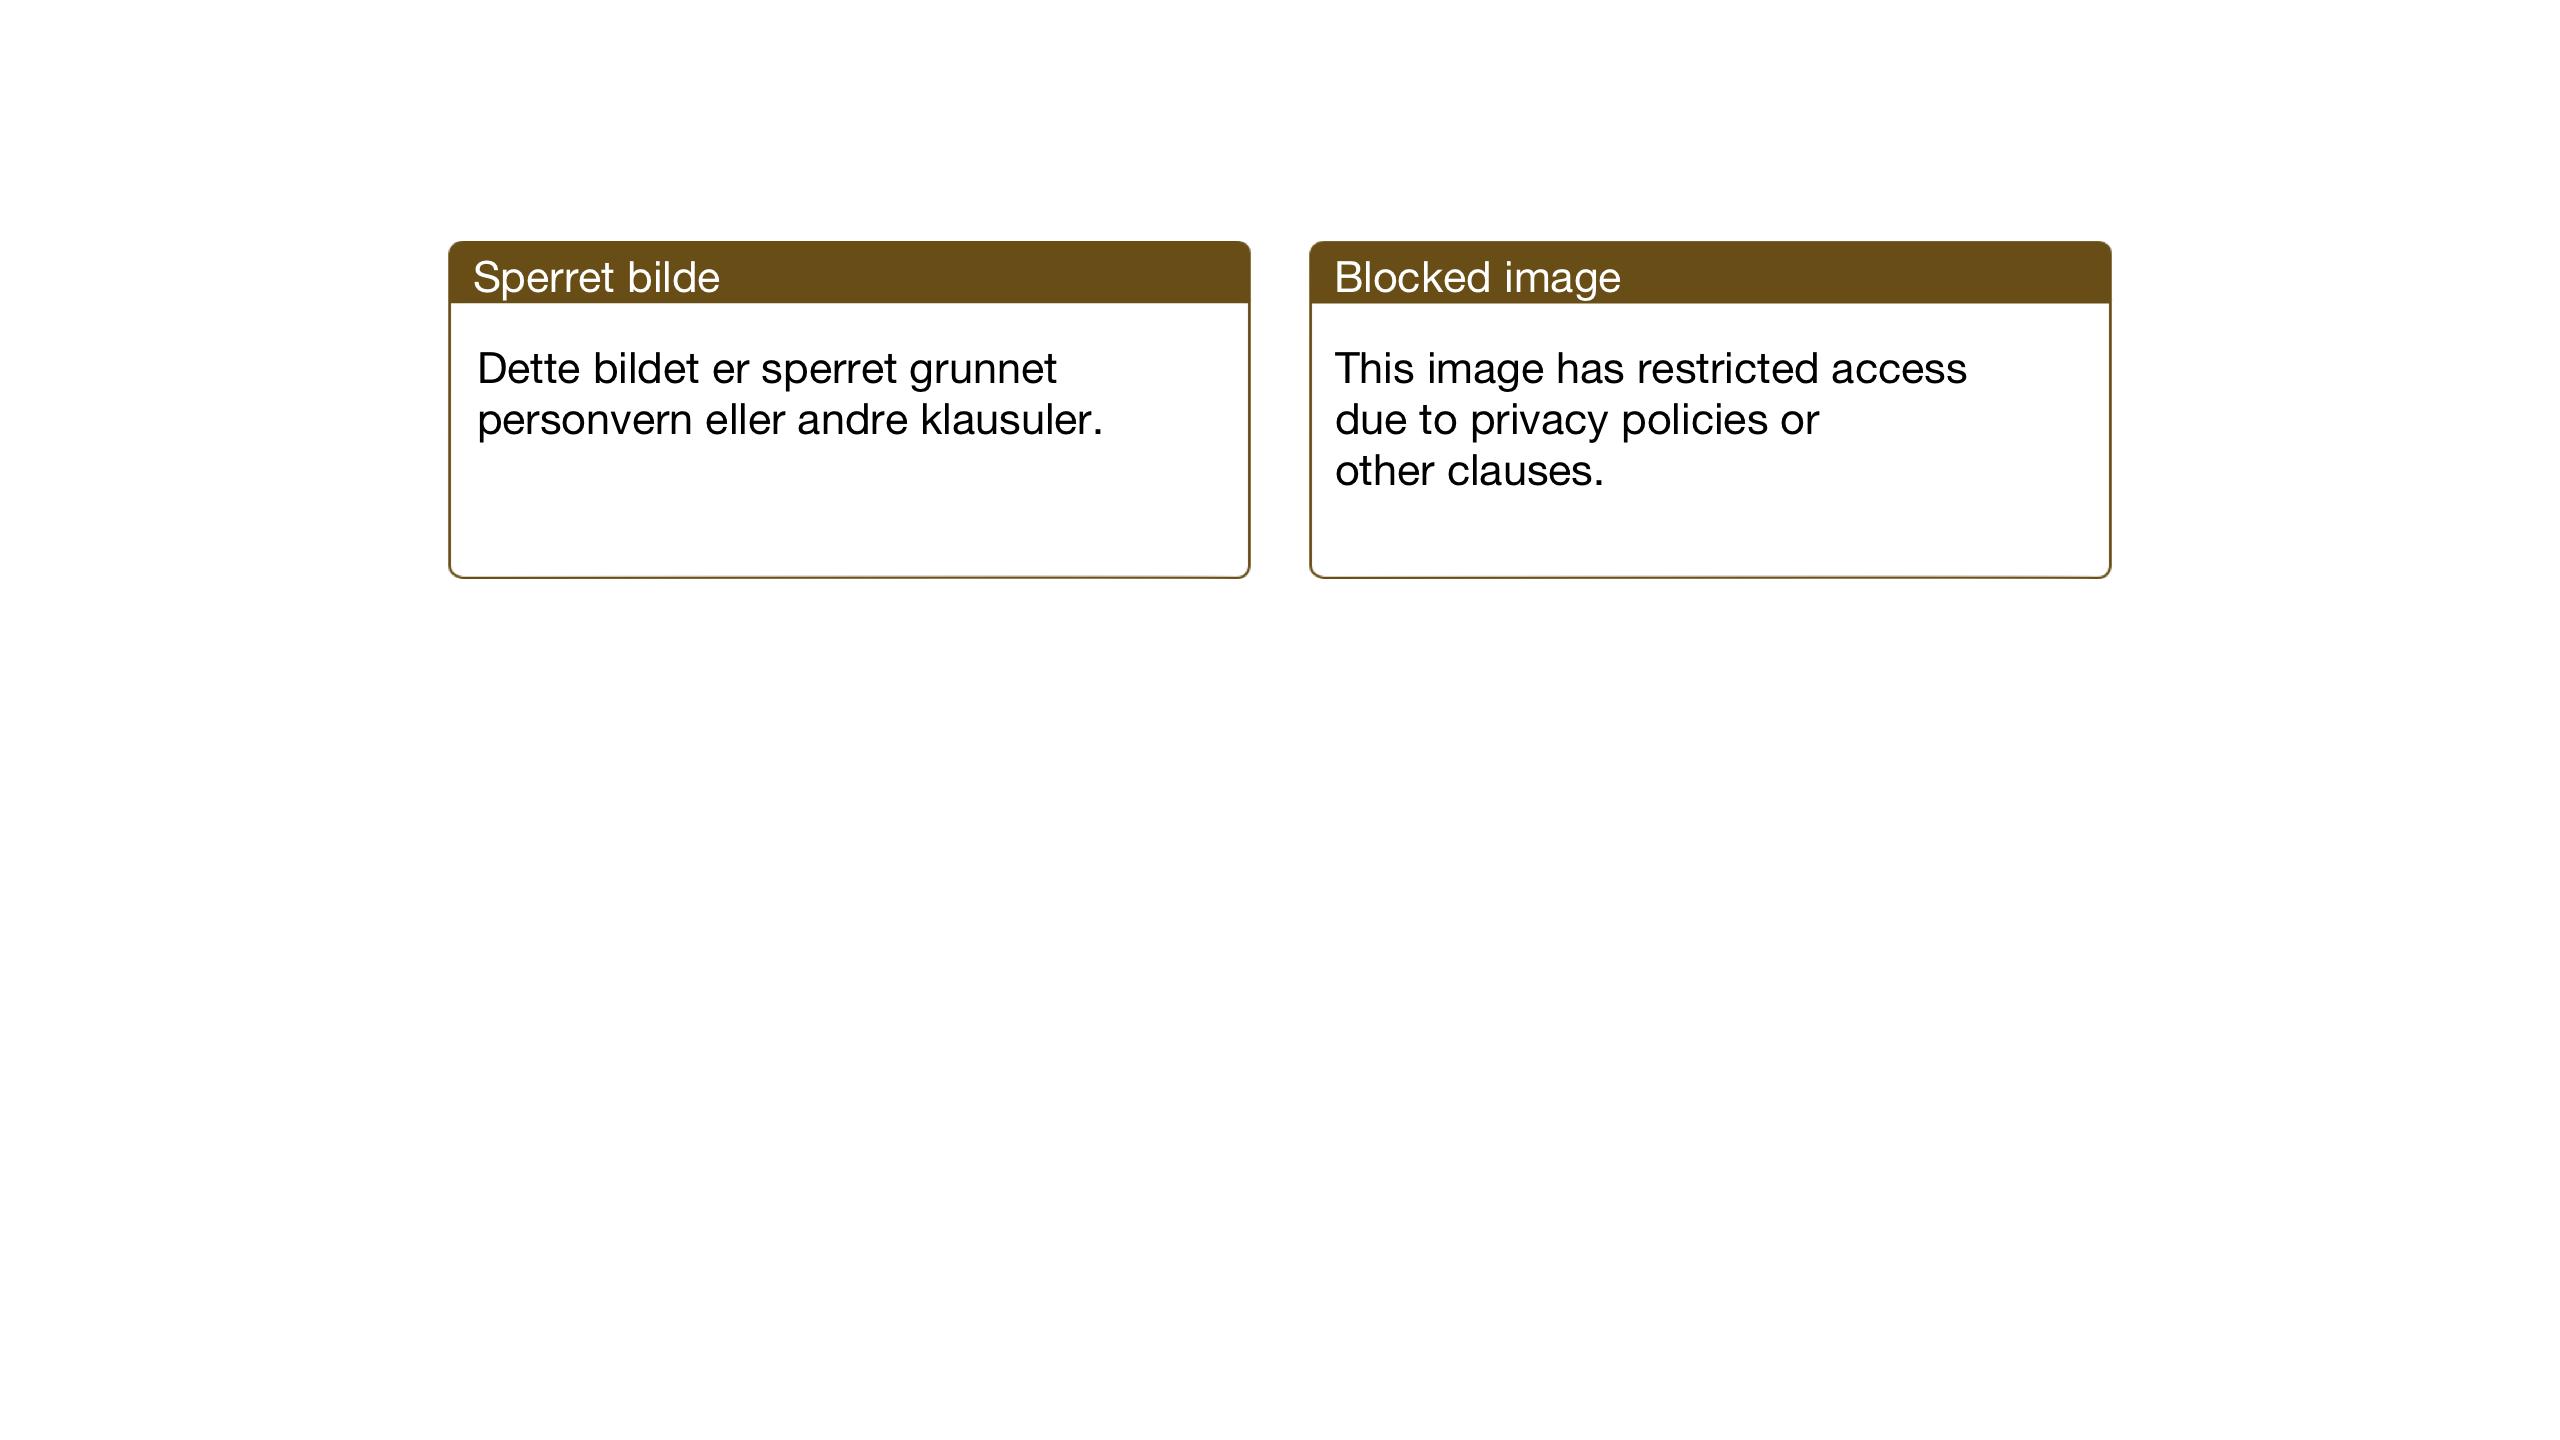 SAT, Ministerialprotokoller, klokkerbøker og fødselsregistre - Sør-Trøndelag, 604/L0210: Ministerialbok nr. 604A30, 1932-1946, s. 241